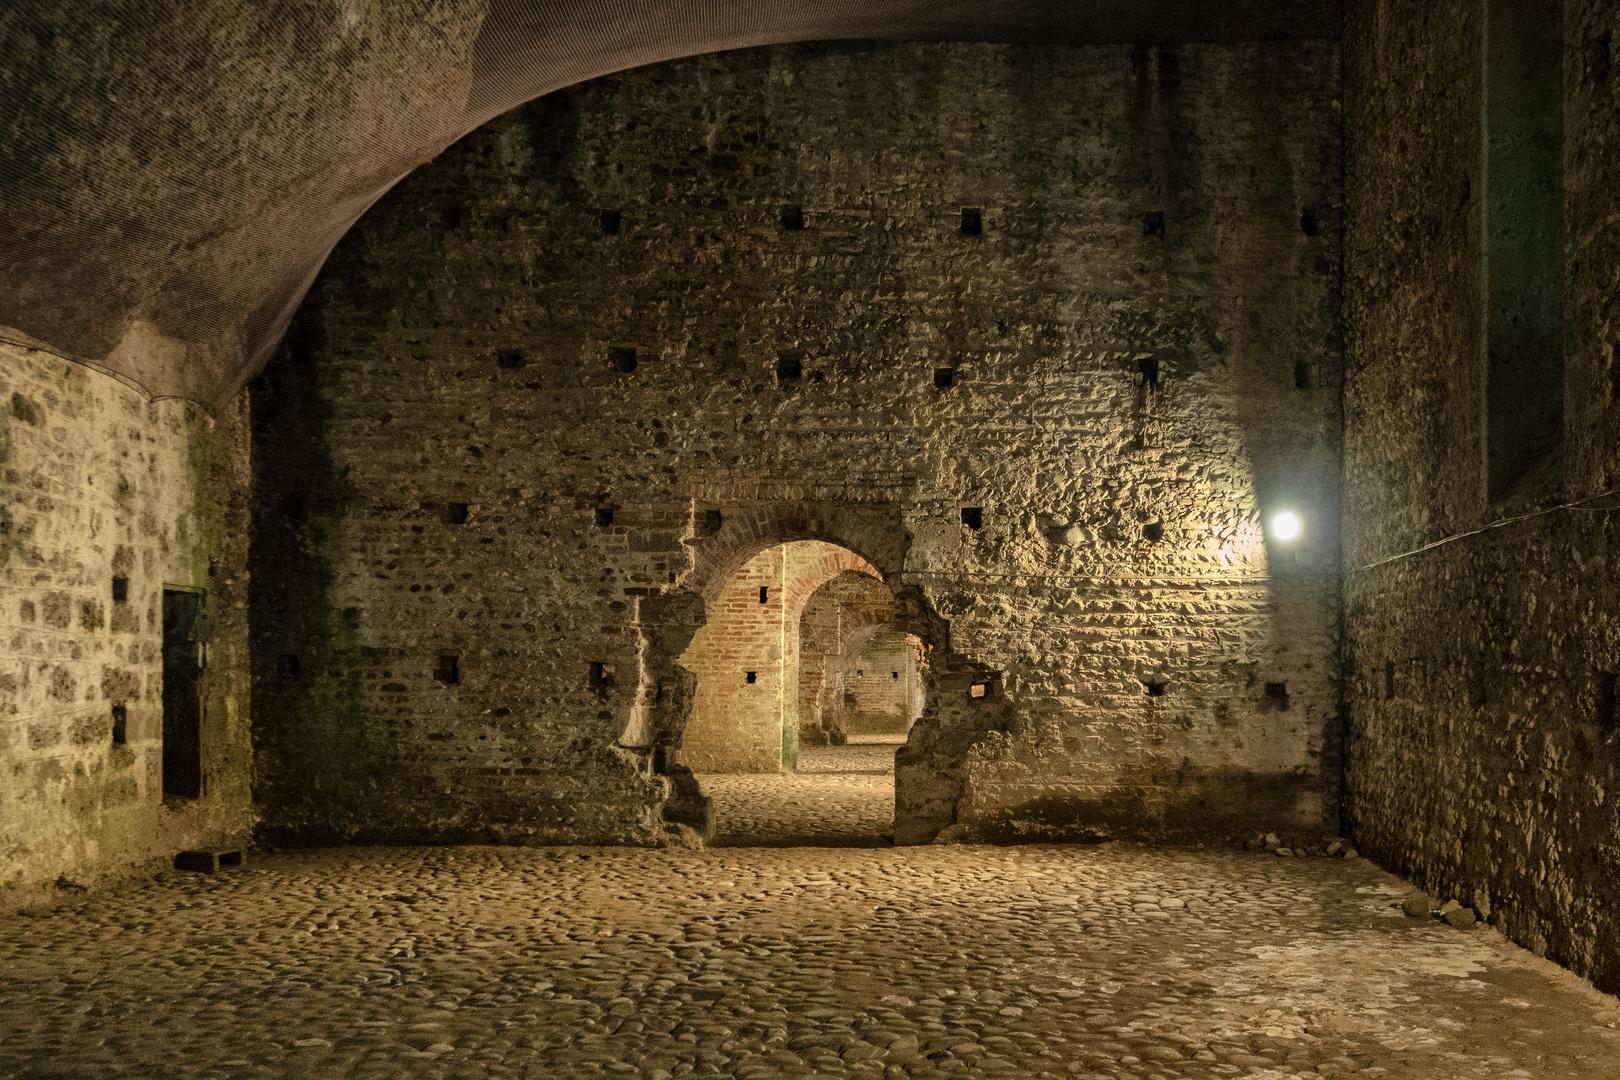 Sotterranei del castello Visconteo, Trezzo d'Adda